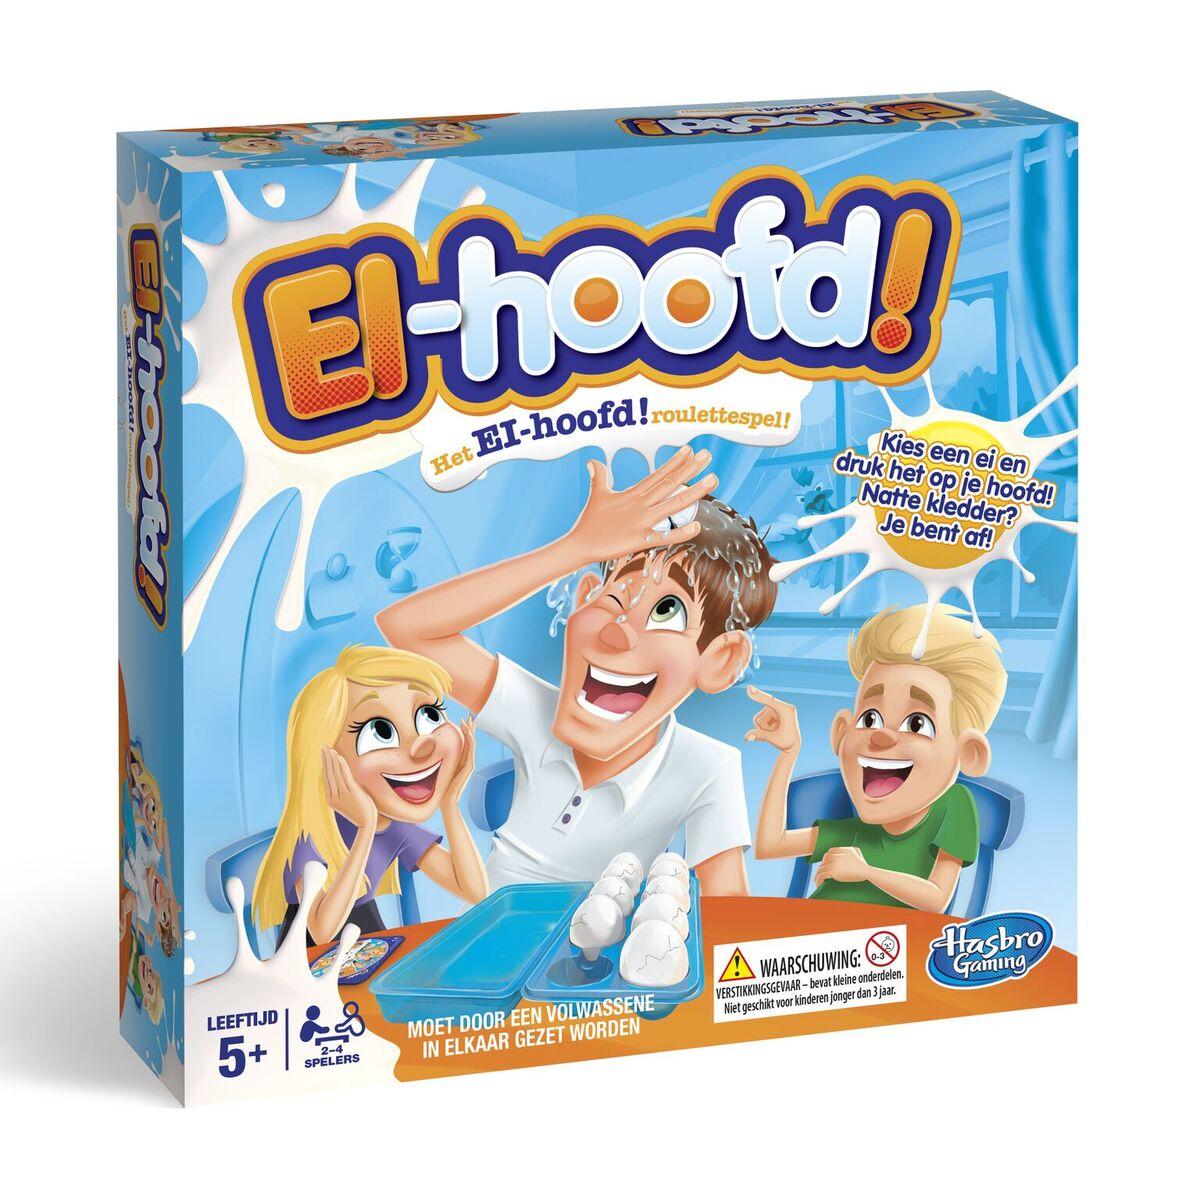 Hilarisch spel Ei Hoofd, Hasbro. Durf jij het aan? 5+